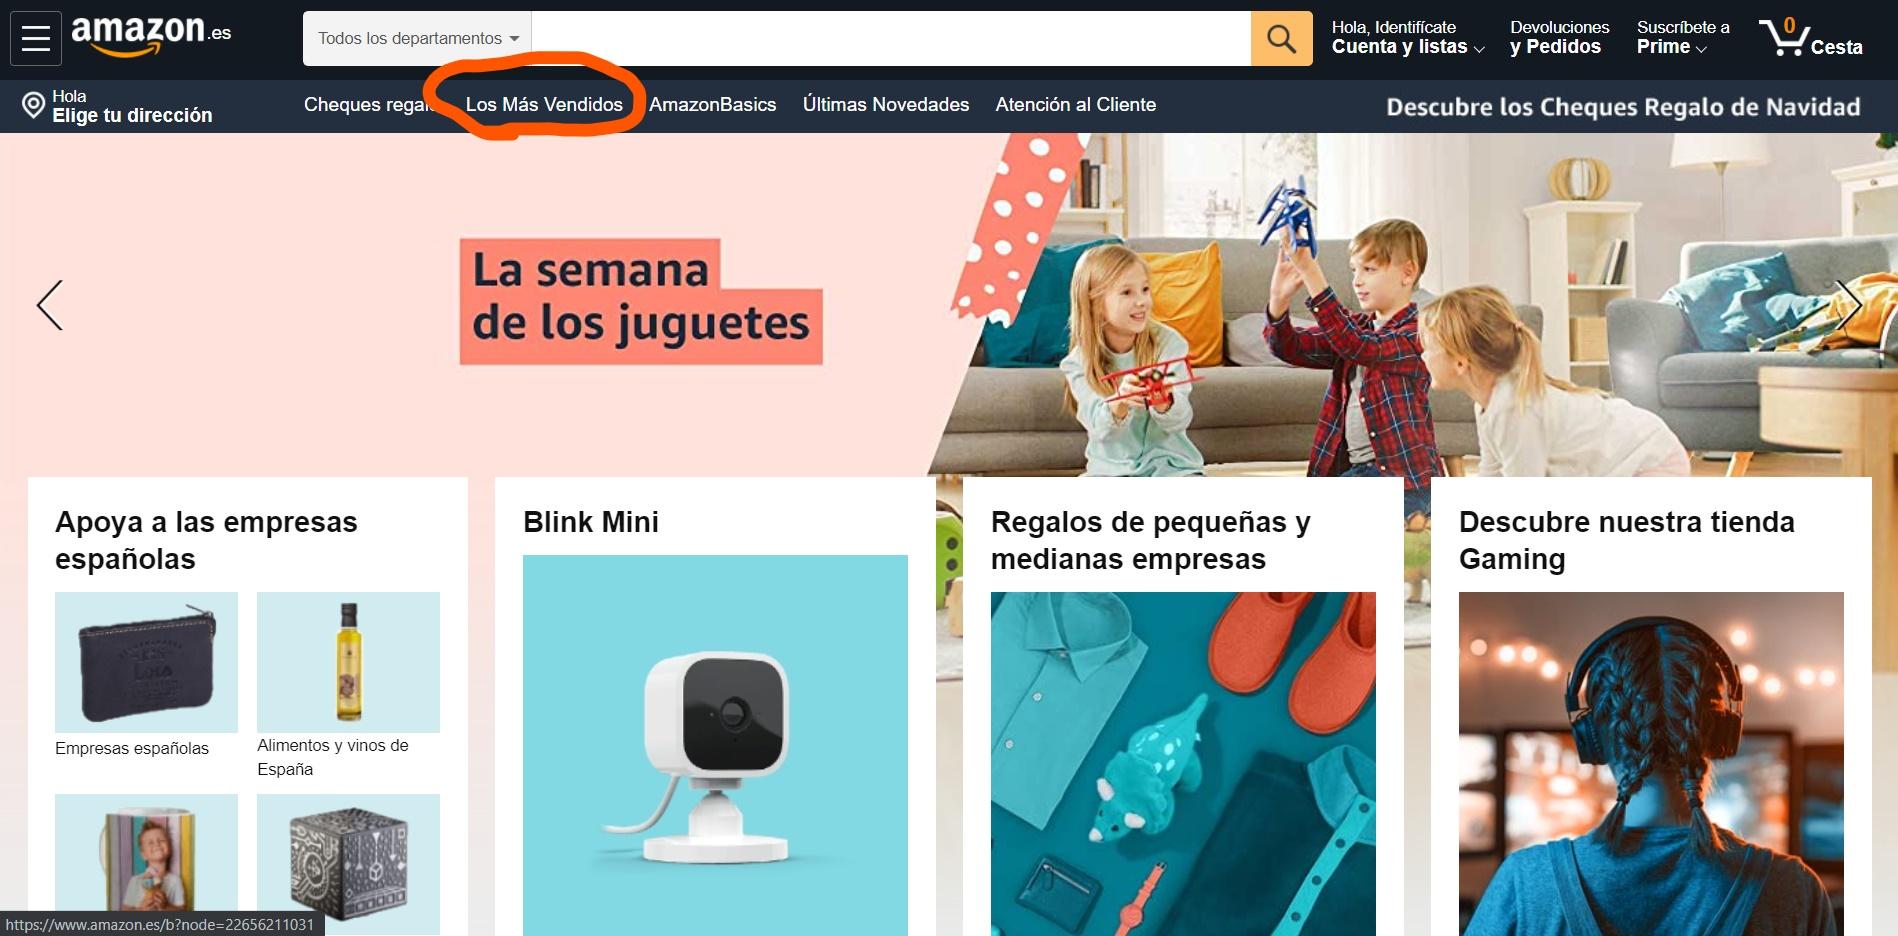 acceder a los más vendidos en Amazon